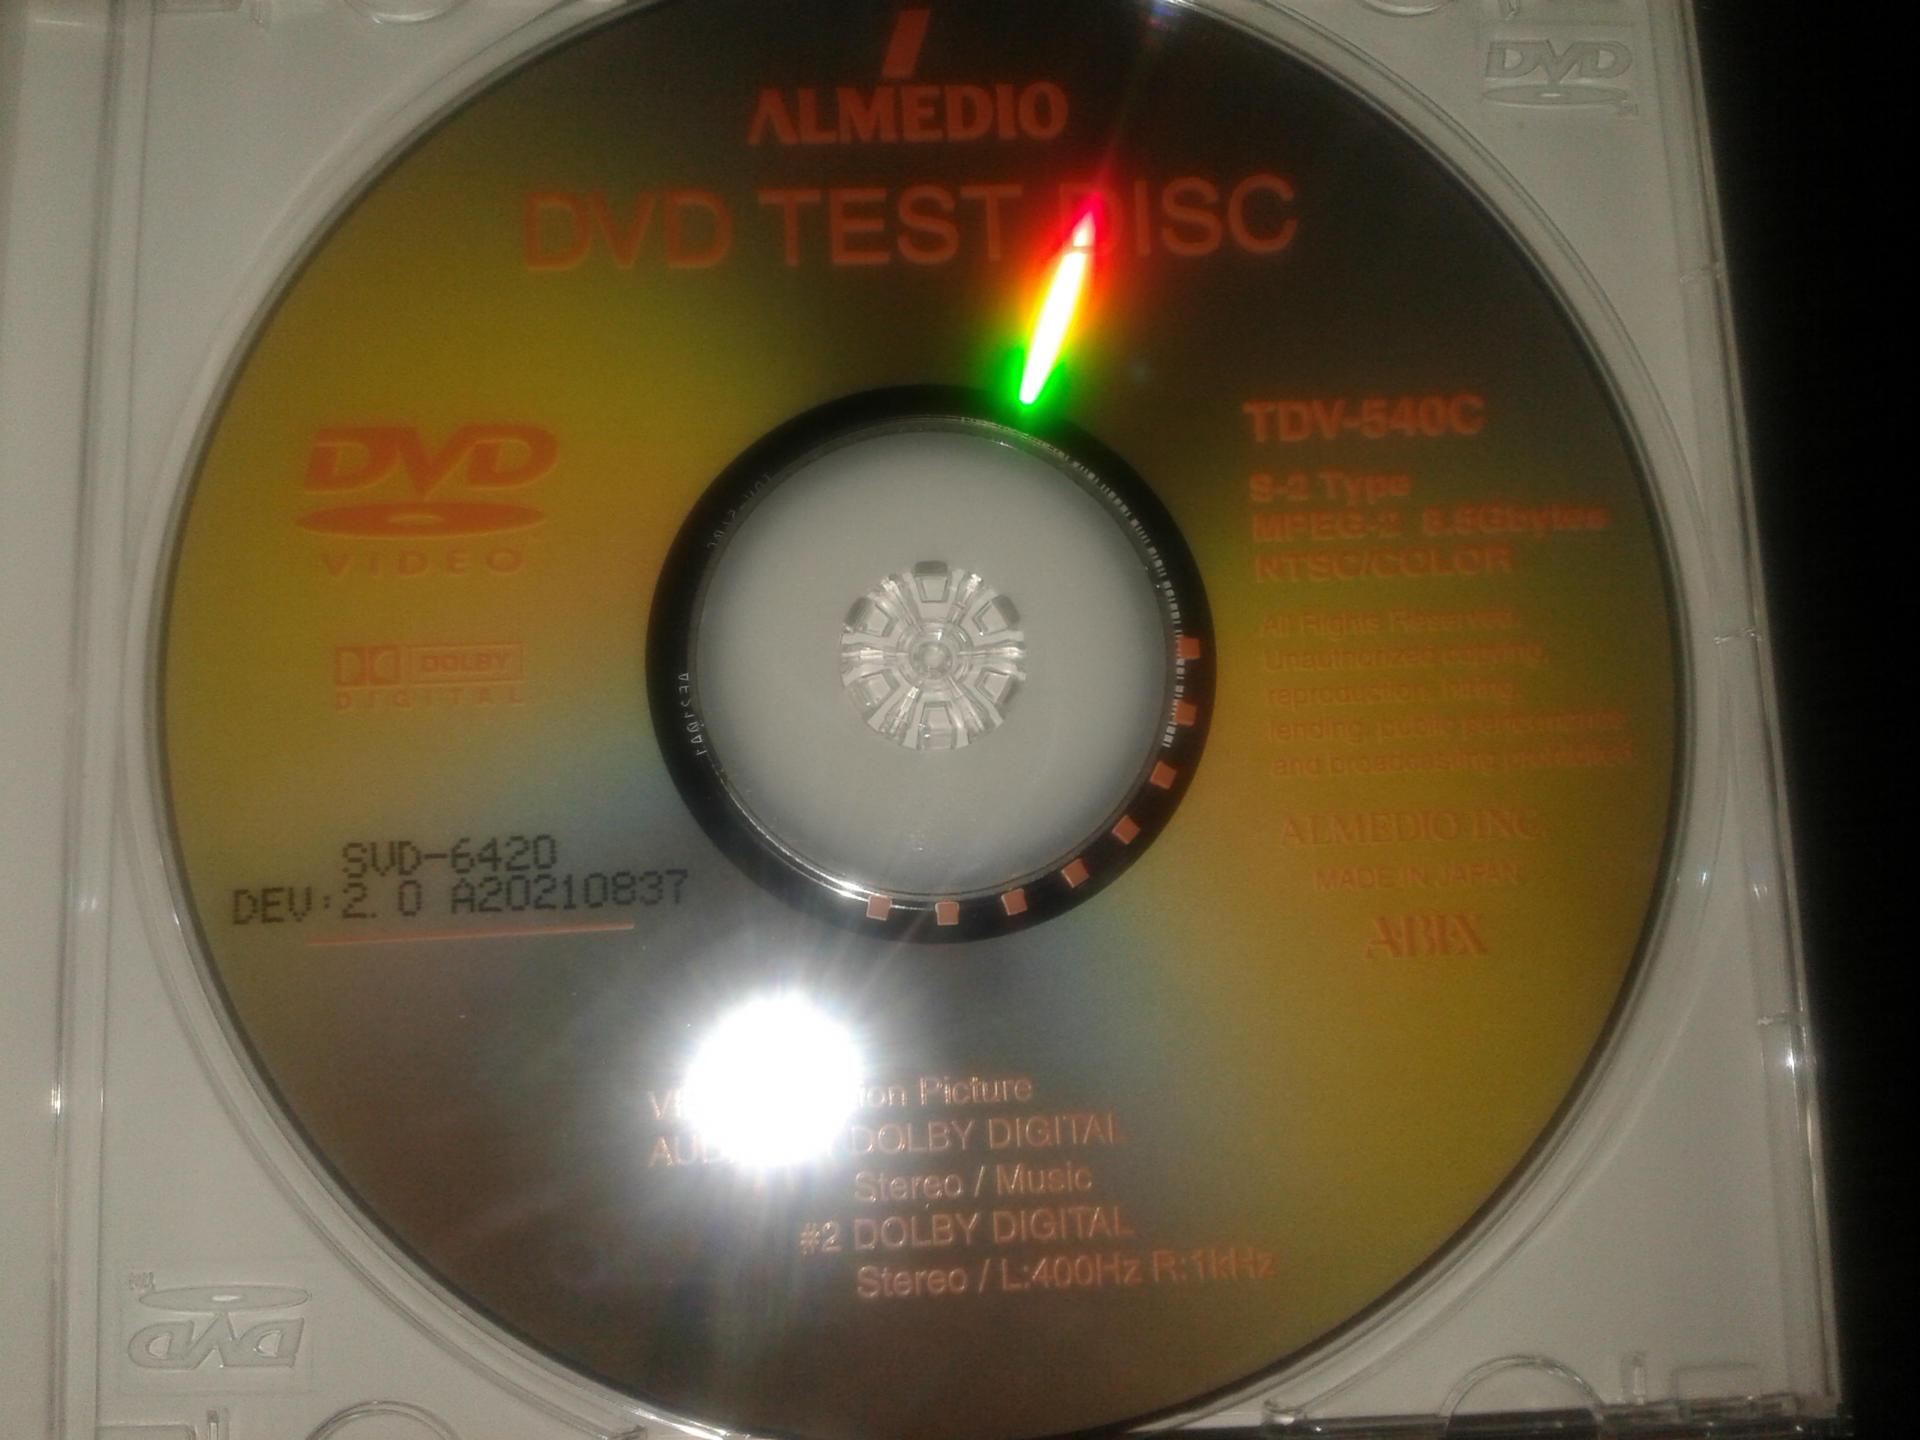 ABEX测试碟  TDV-6420 抖动测试 DVD面振2.0MM测试碟